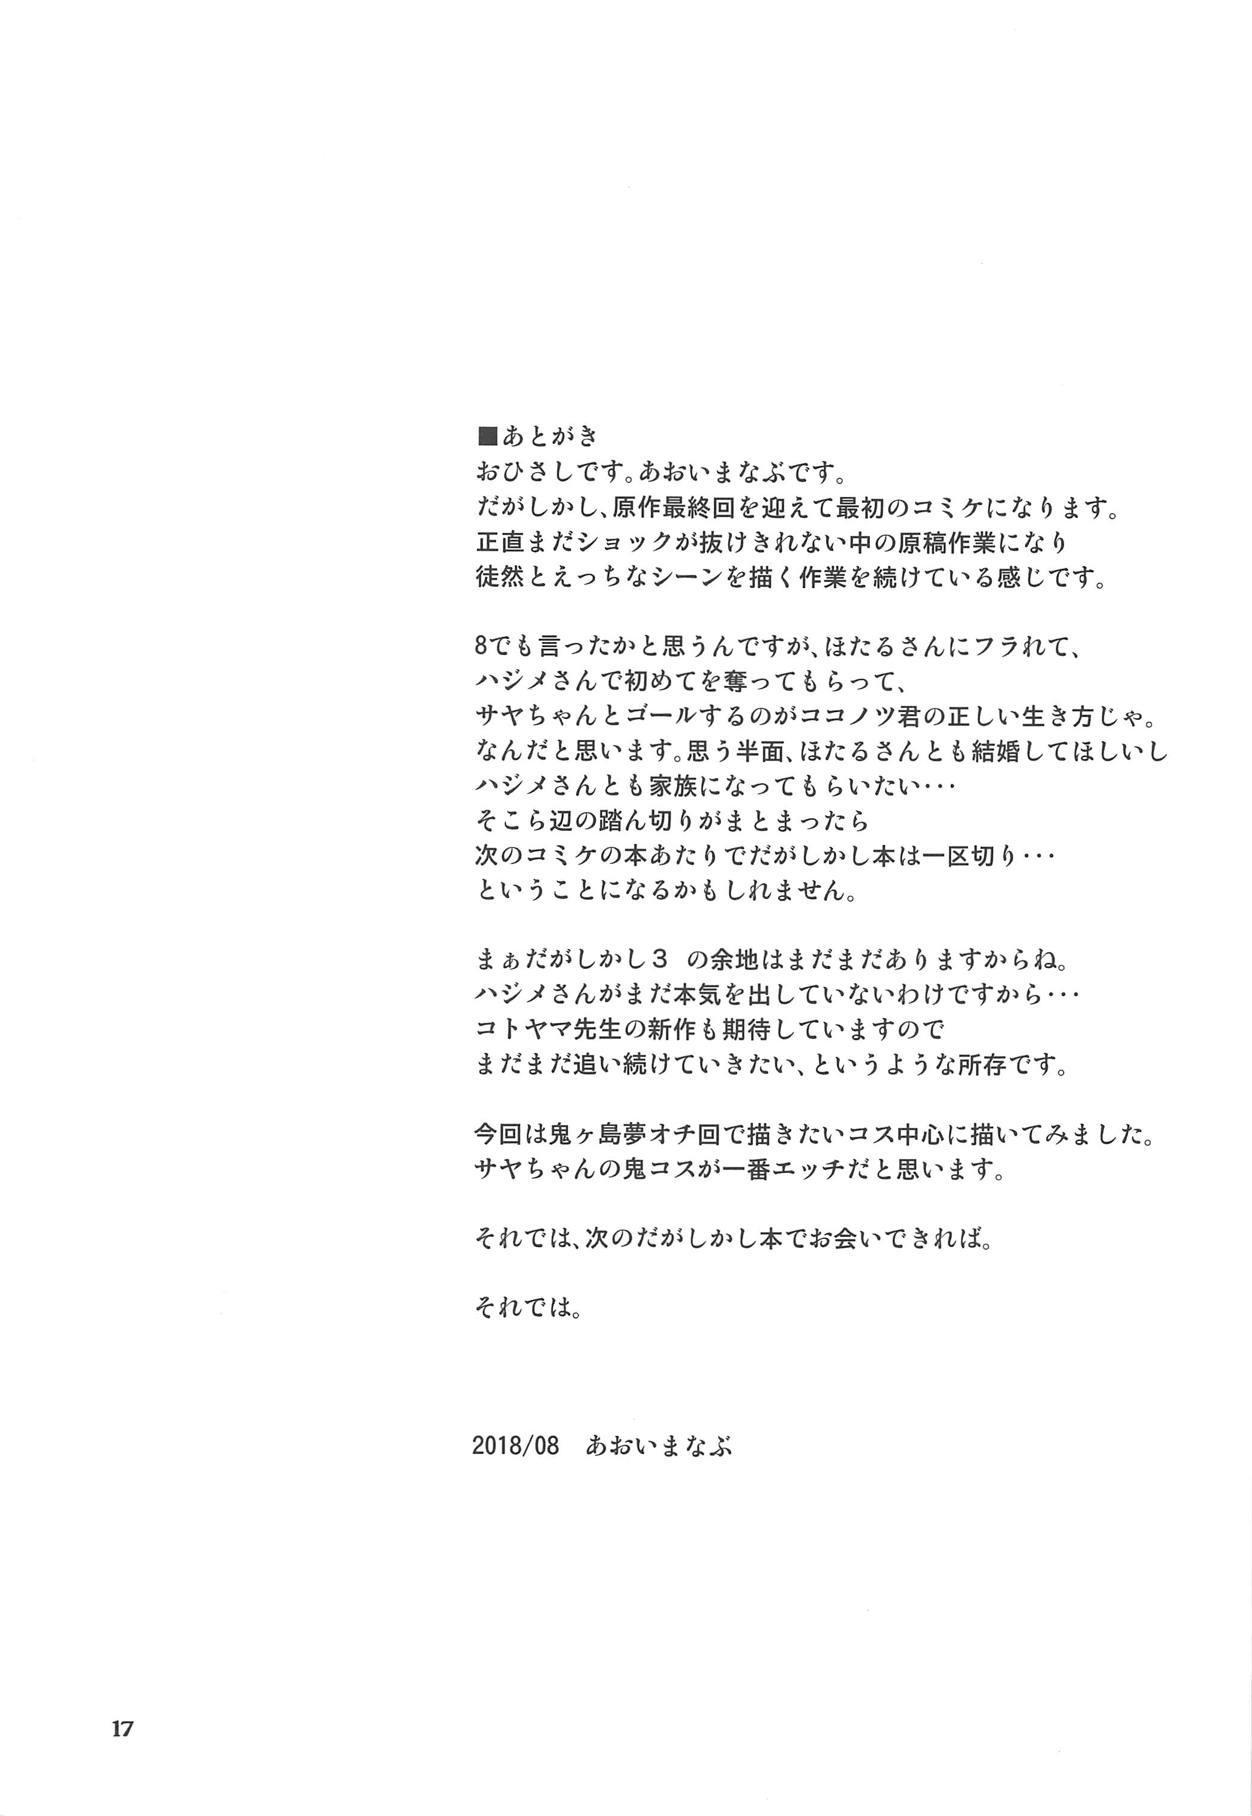 Dagashi Chichi 9 15